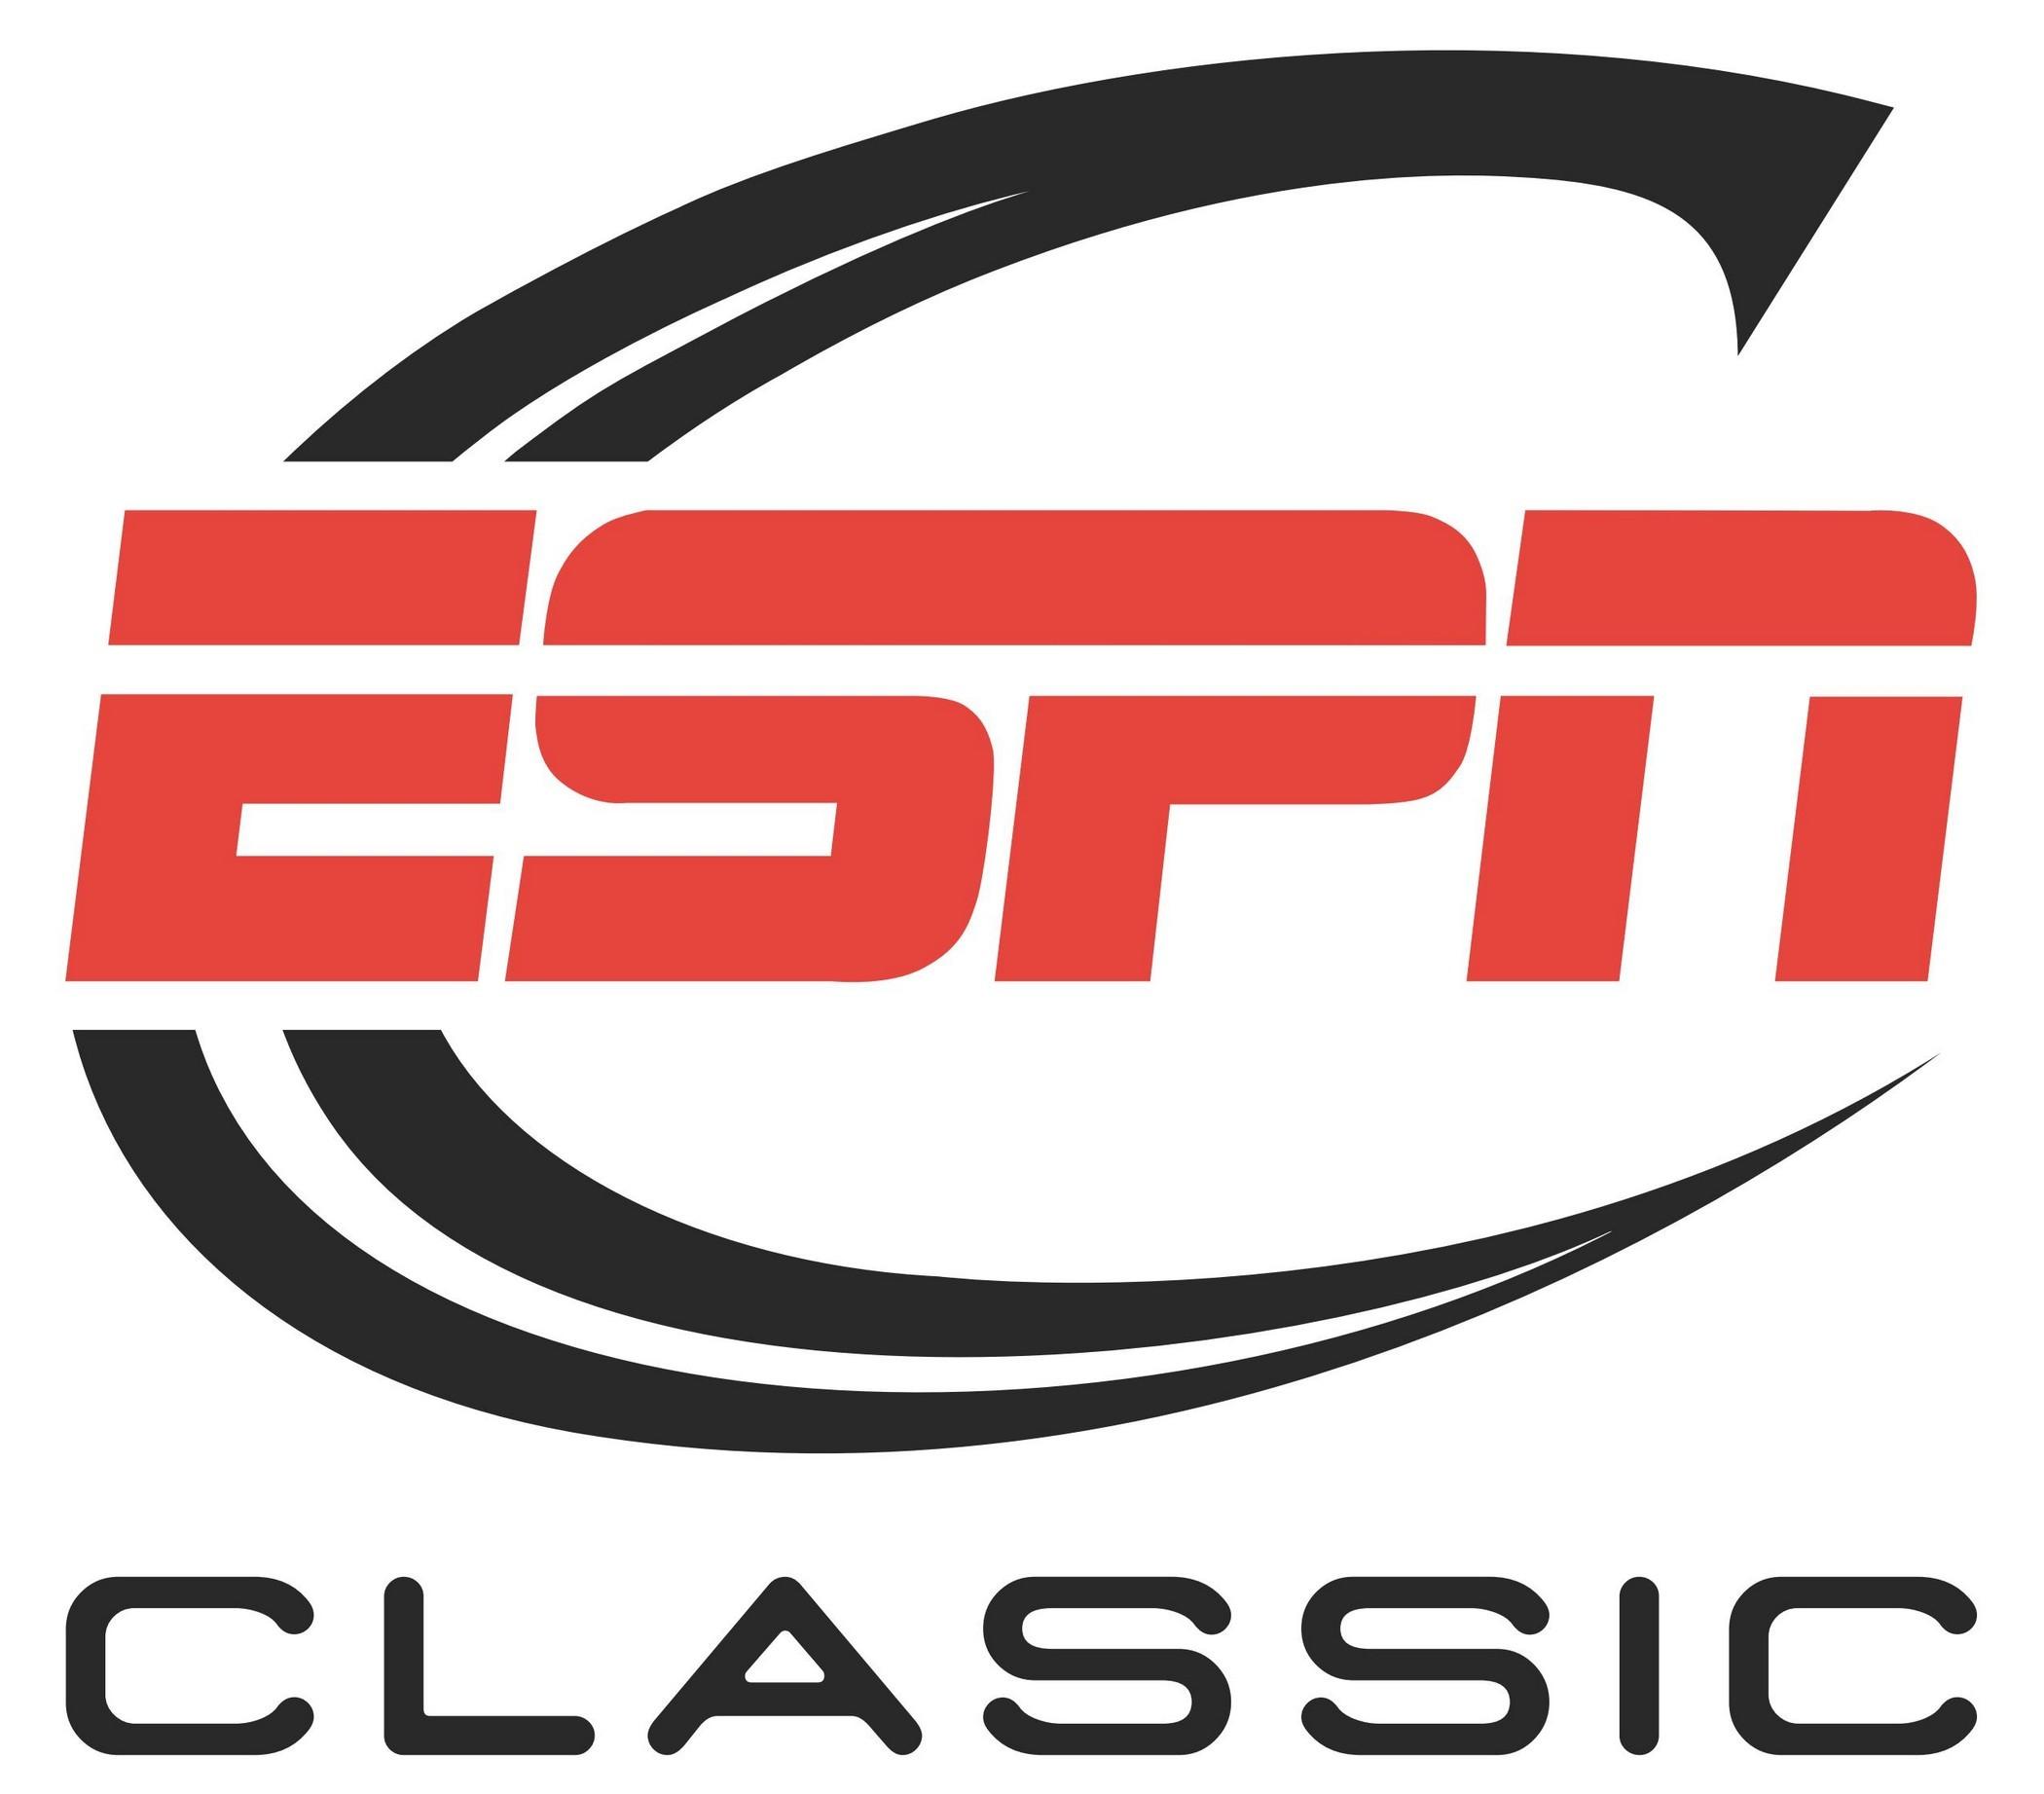 ESPN_Classic_Logo